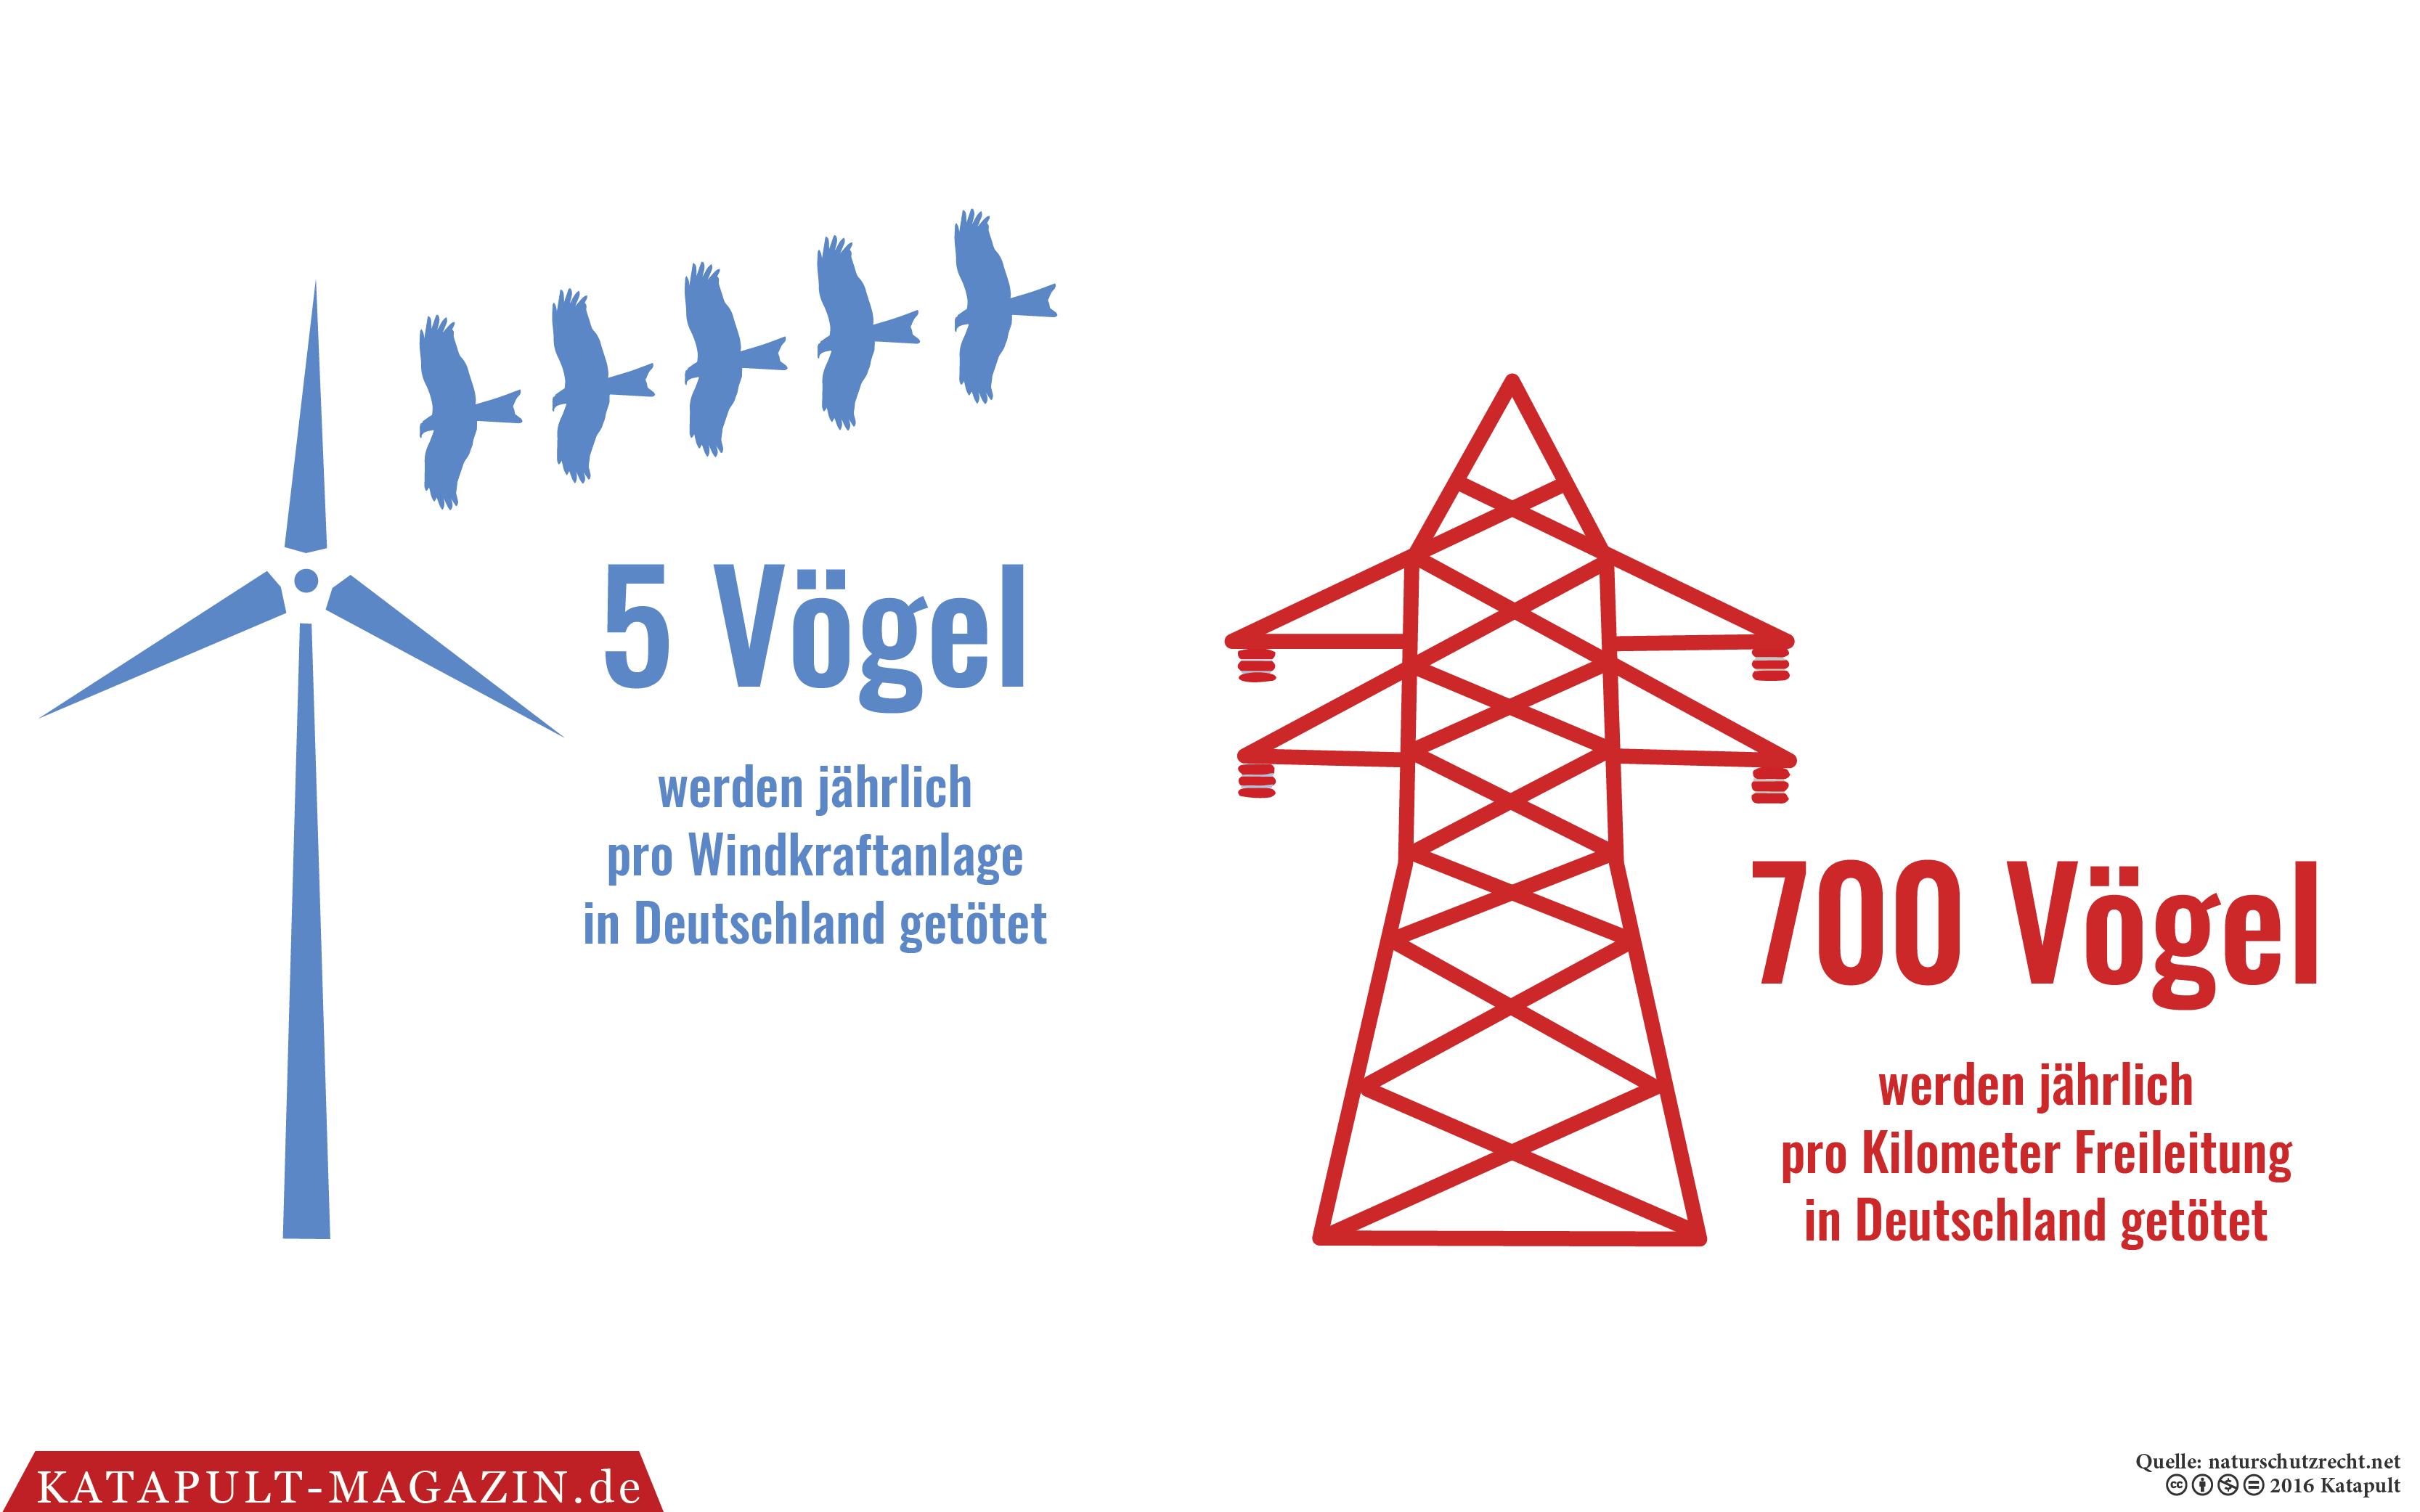 Windkraftanlagen Vögel